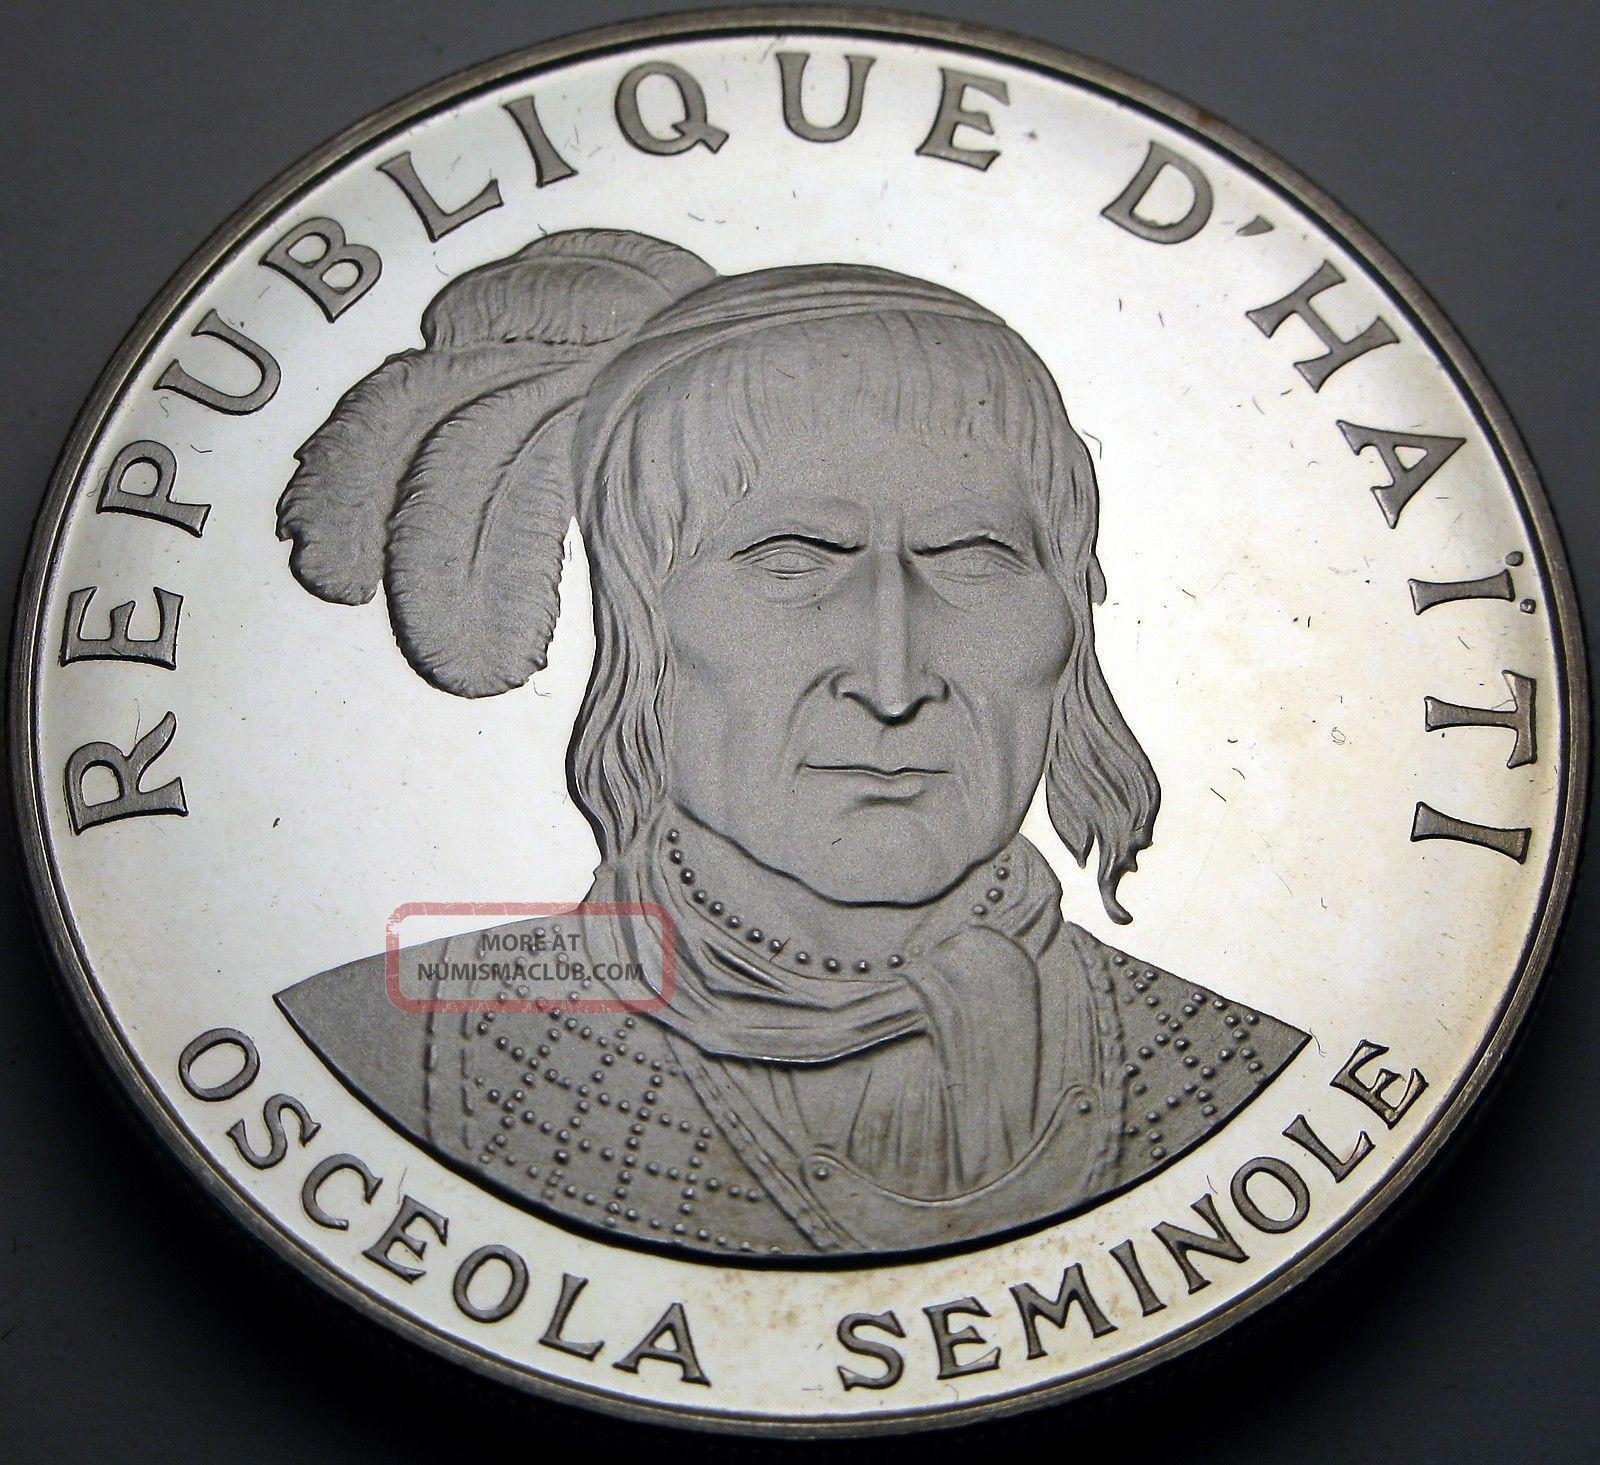 Haiti 10 Gourdes 1971 Ic Proof Silver Osceola Seminole